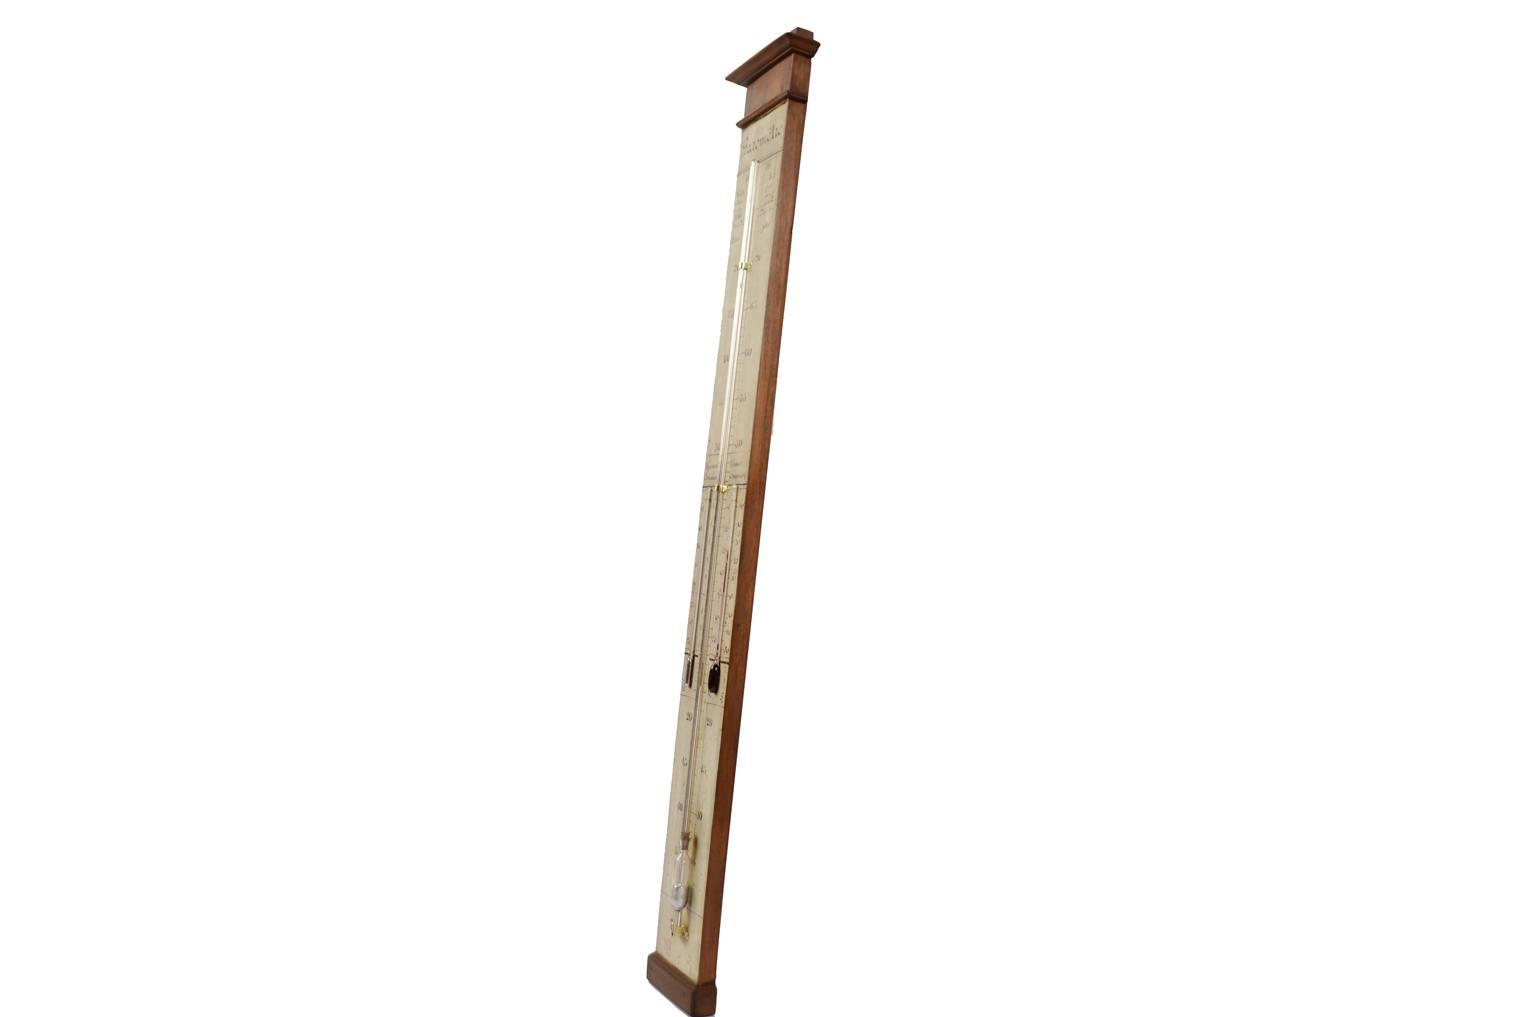 Barometri antichi/5578-Barometro francese